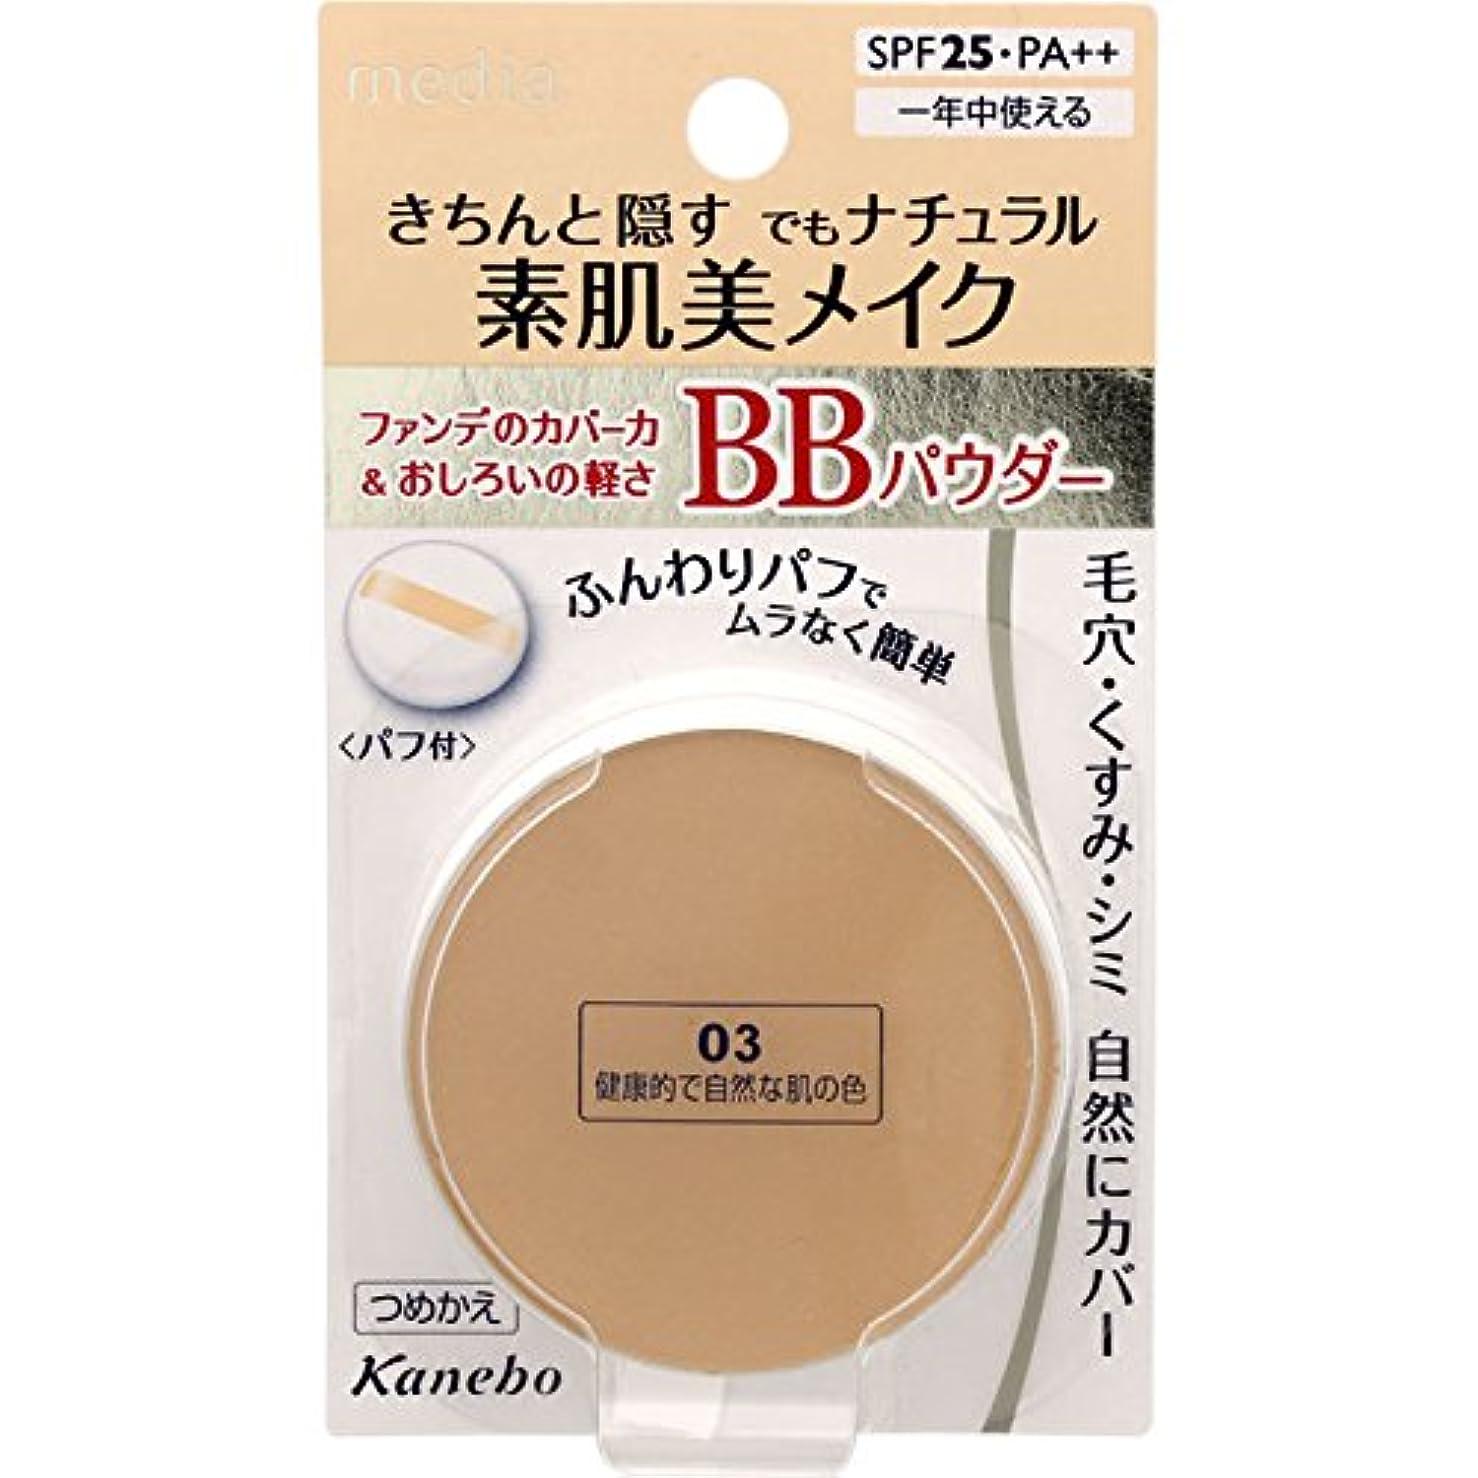 配送圧倒的悩みメディアBBパウダー03(健康的で自然な肌の色)×5